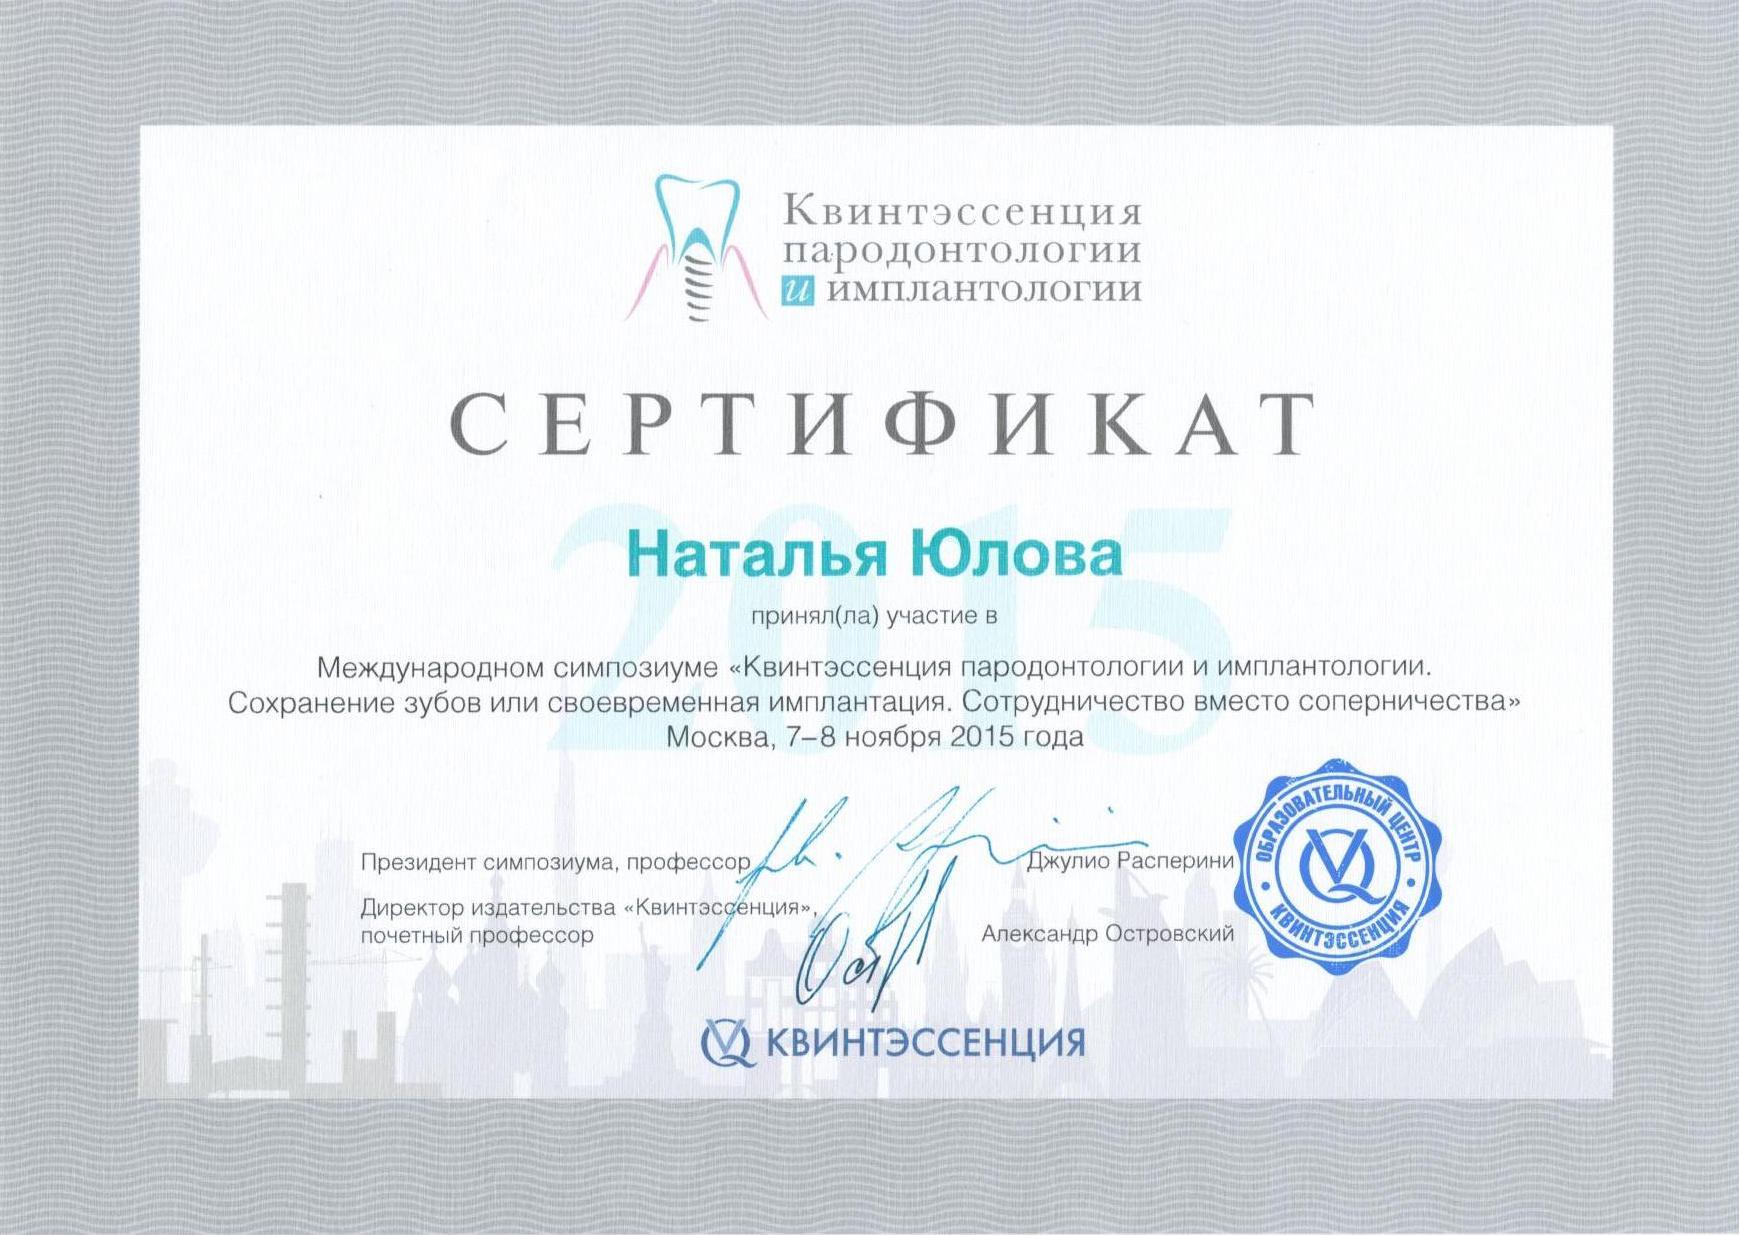 Сертификат Юловой Натальи